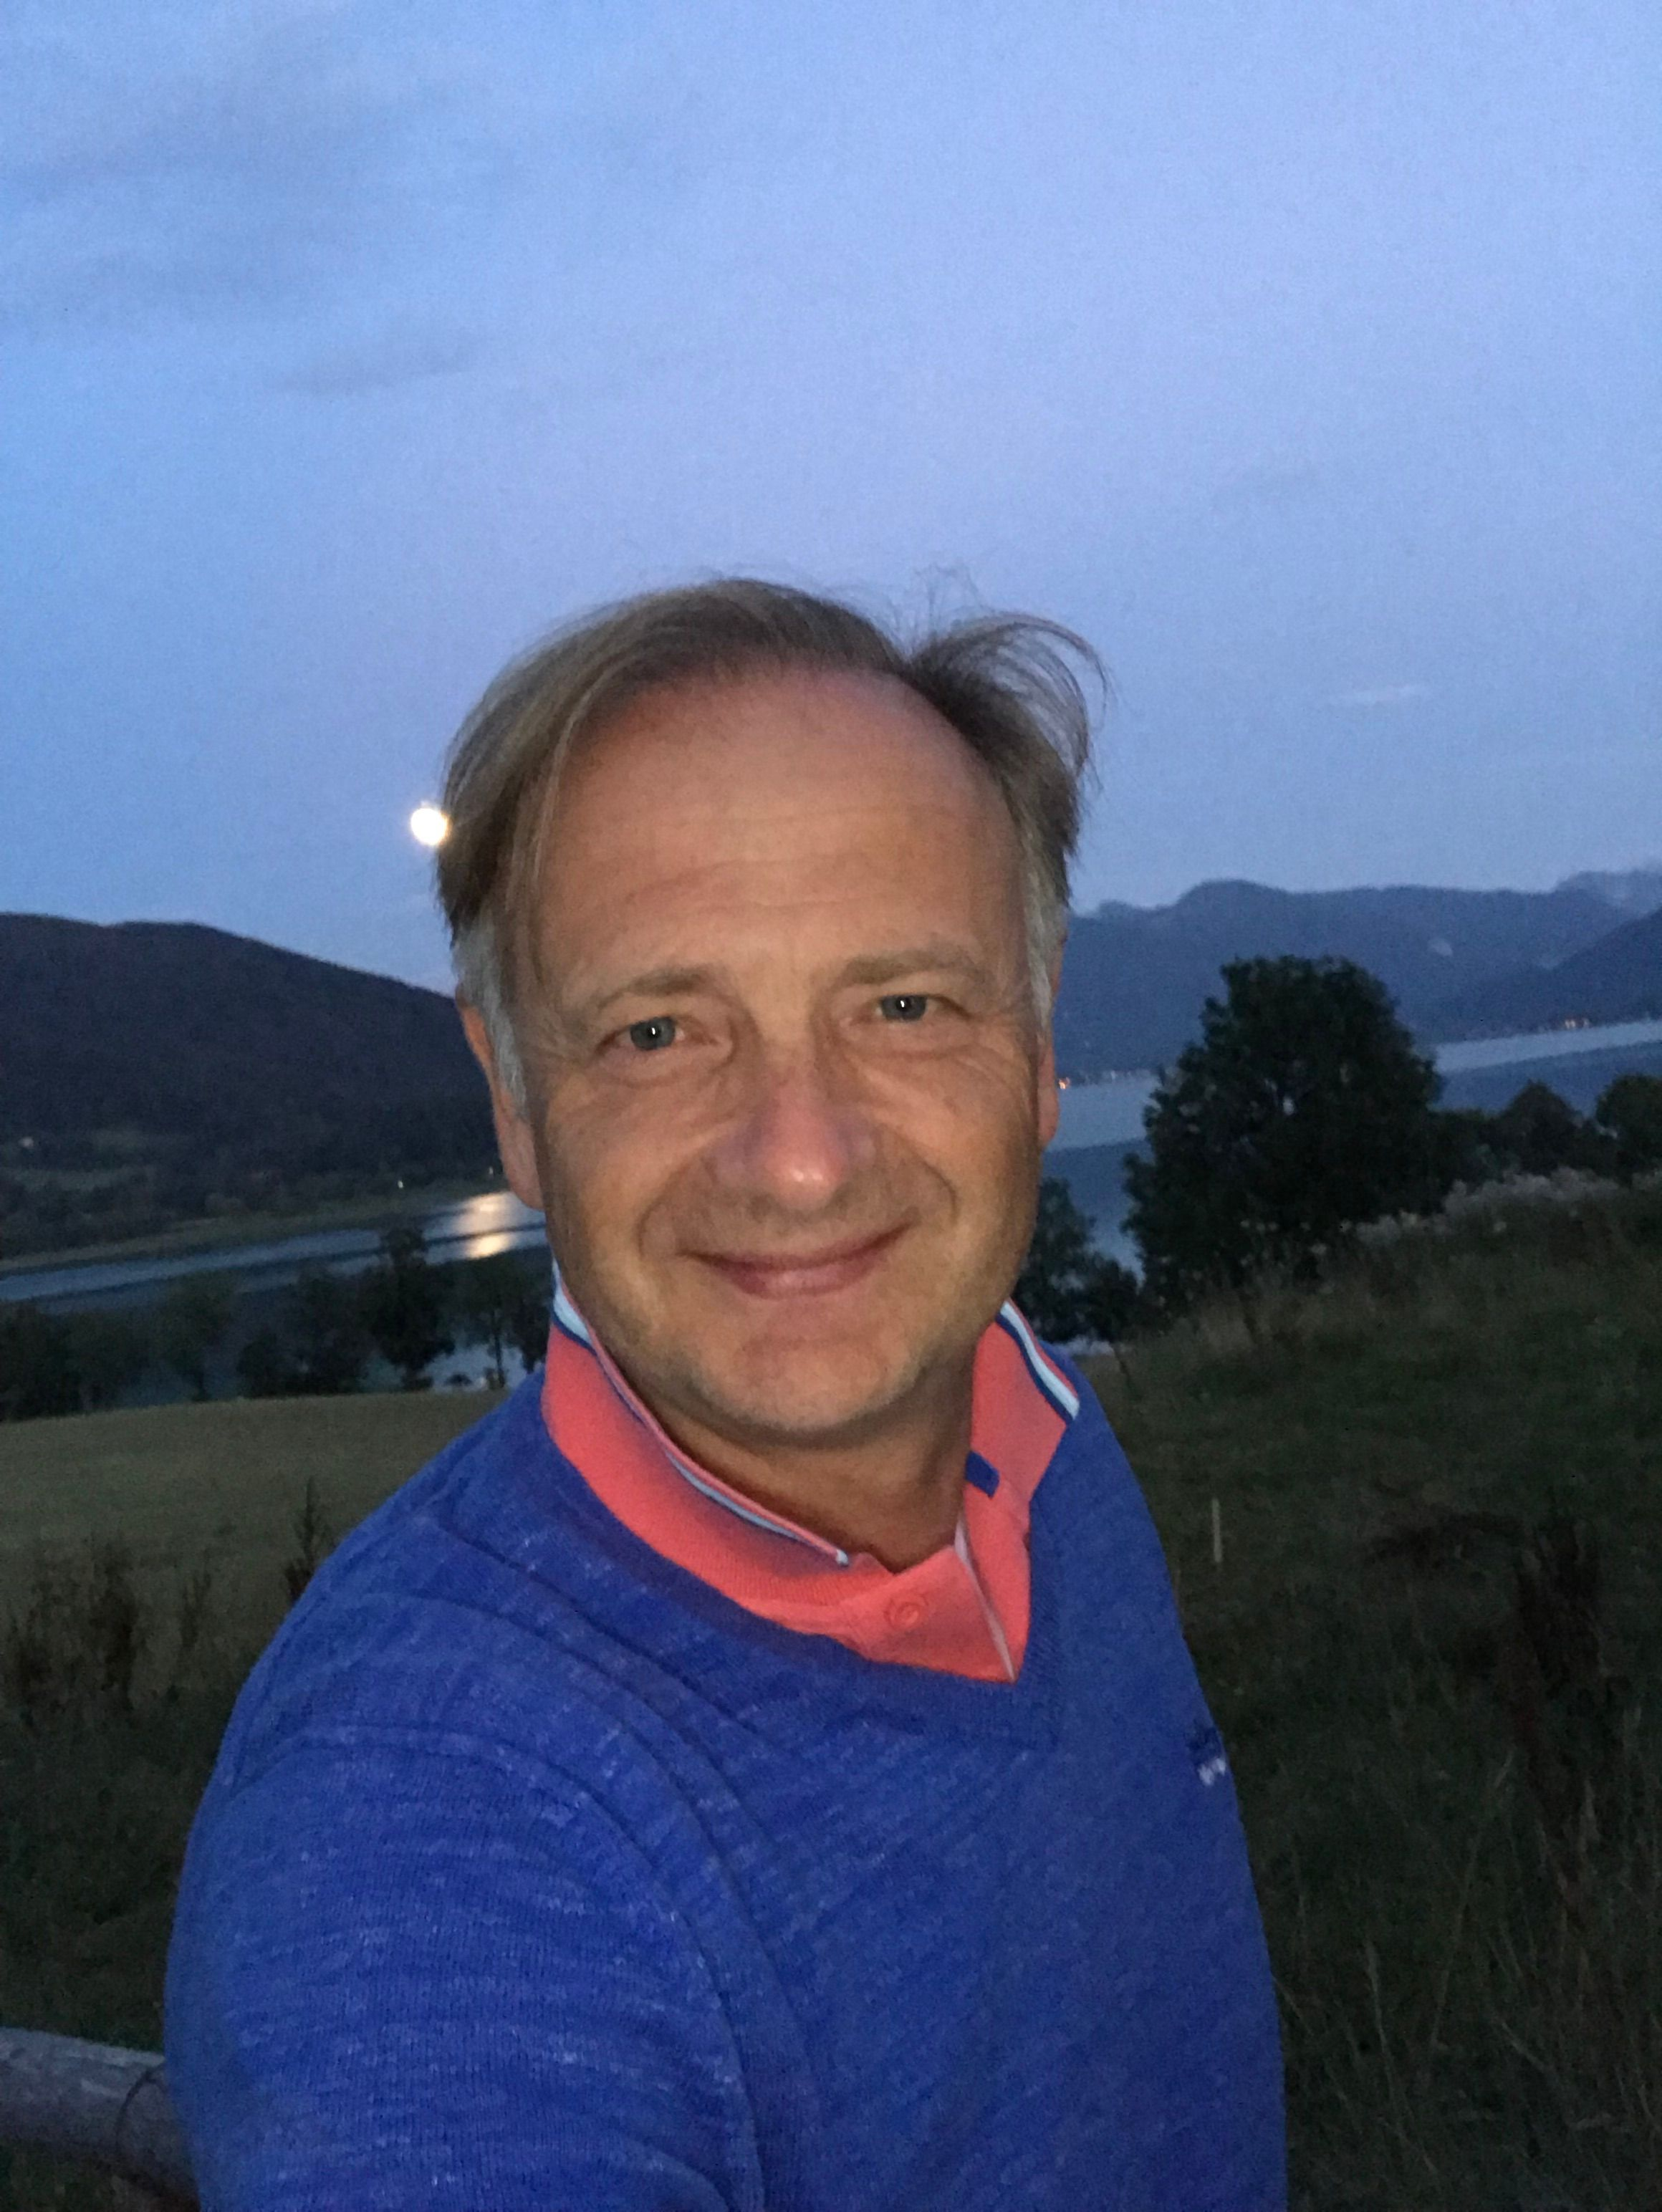 Avatar of golfer named Jens Heine